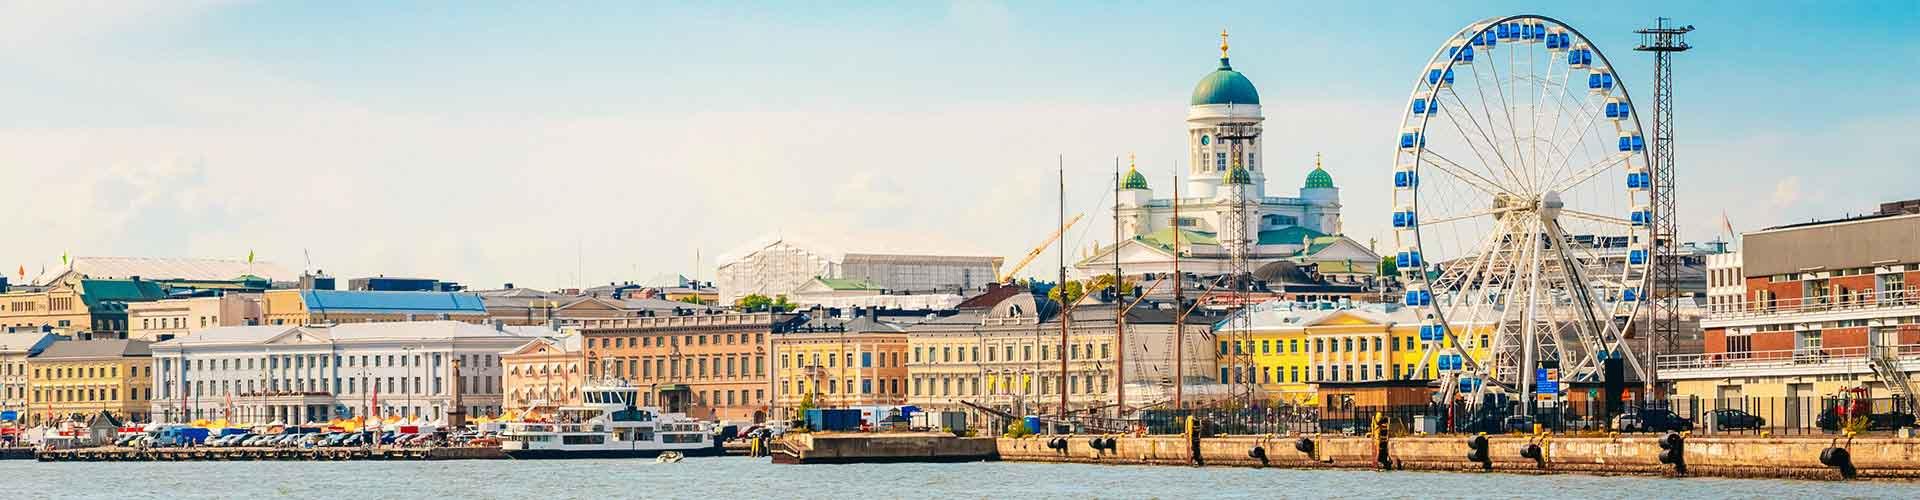 Helsinki – Hotellit lähellä maamerkkiä Helsinki-Vantaan lentoasema. Helsinki -karttoja, valokuvia ja arvosteluja kaikista Helsinki -hotelleista.